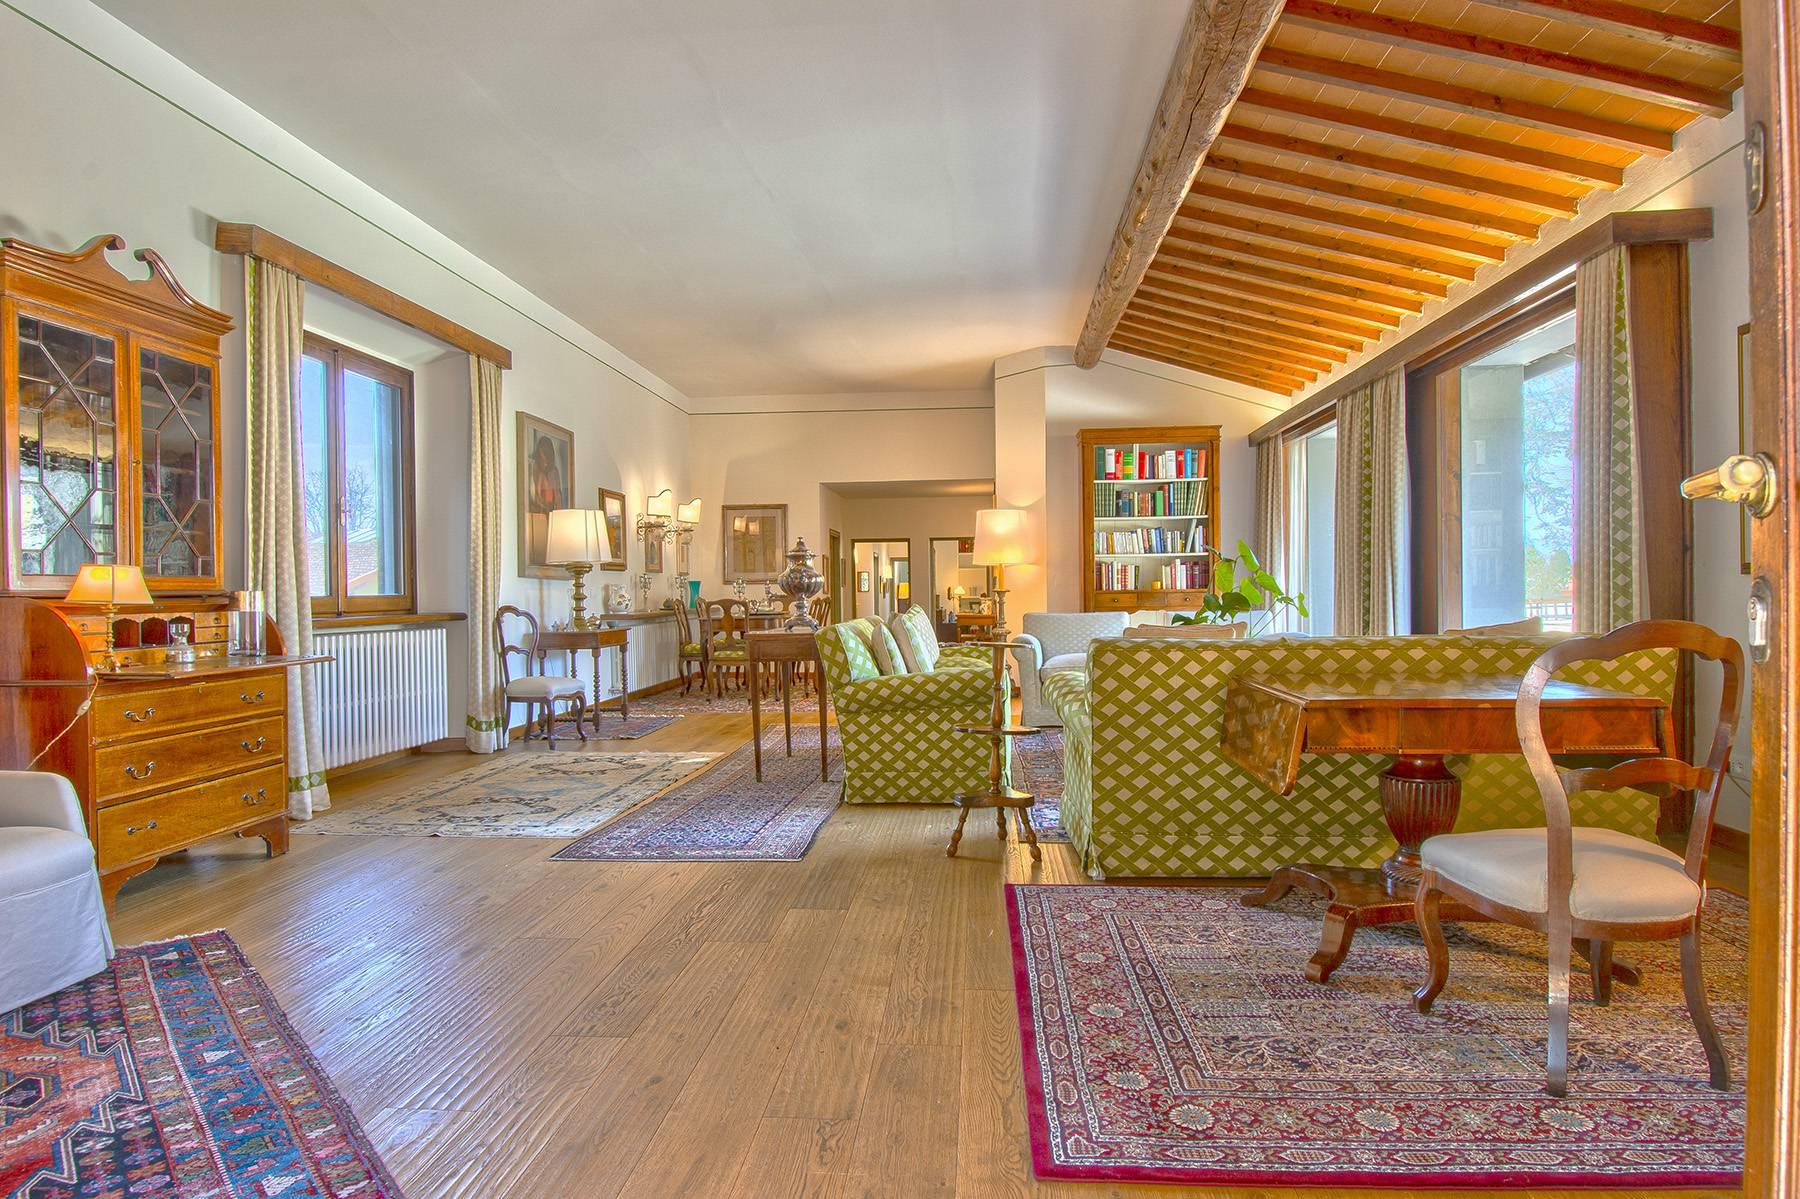 Appartamento in Vendita a Firenze: 5 locali, 182 mq - Foto 9